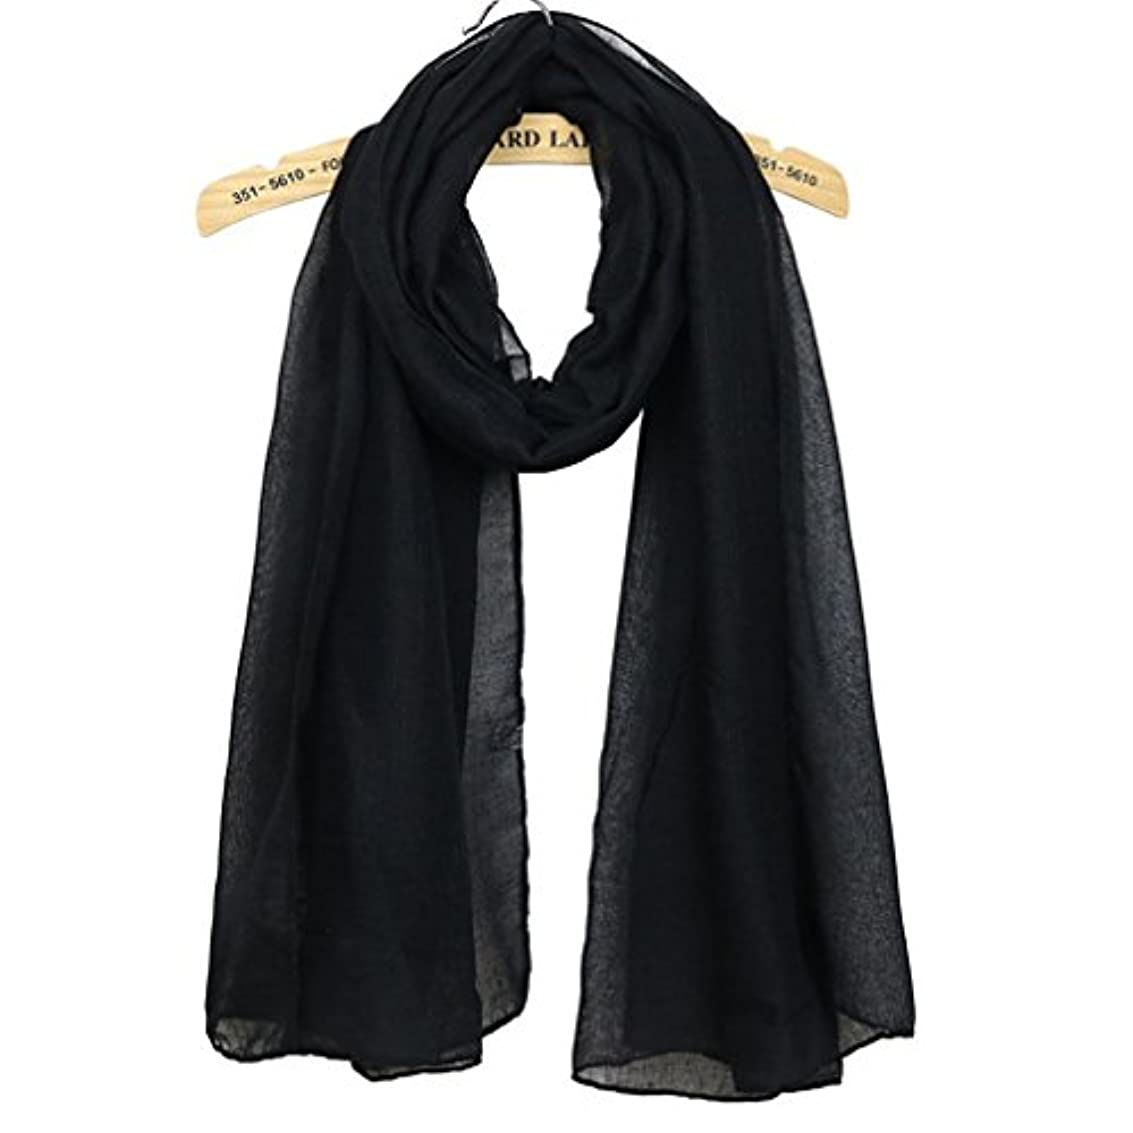 気づく温度チーターレディース?ショール - レディーススカーフ2018竹コットン純粋な色を保つ暖かいスカーフ春と秋のショール旅行ホリデーギフト180 * 80cm 家の装飾 ( Color : 4 )